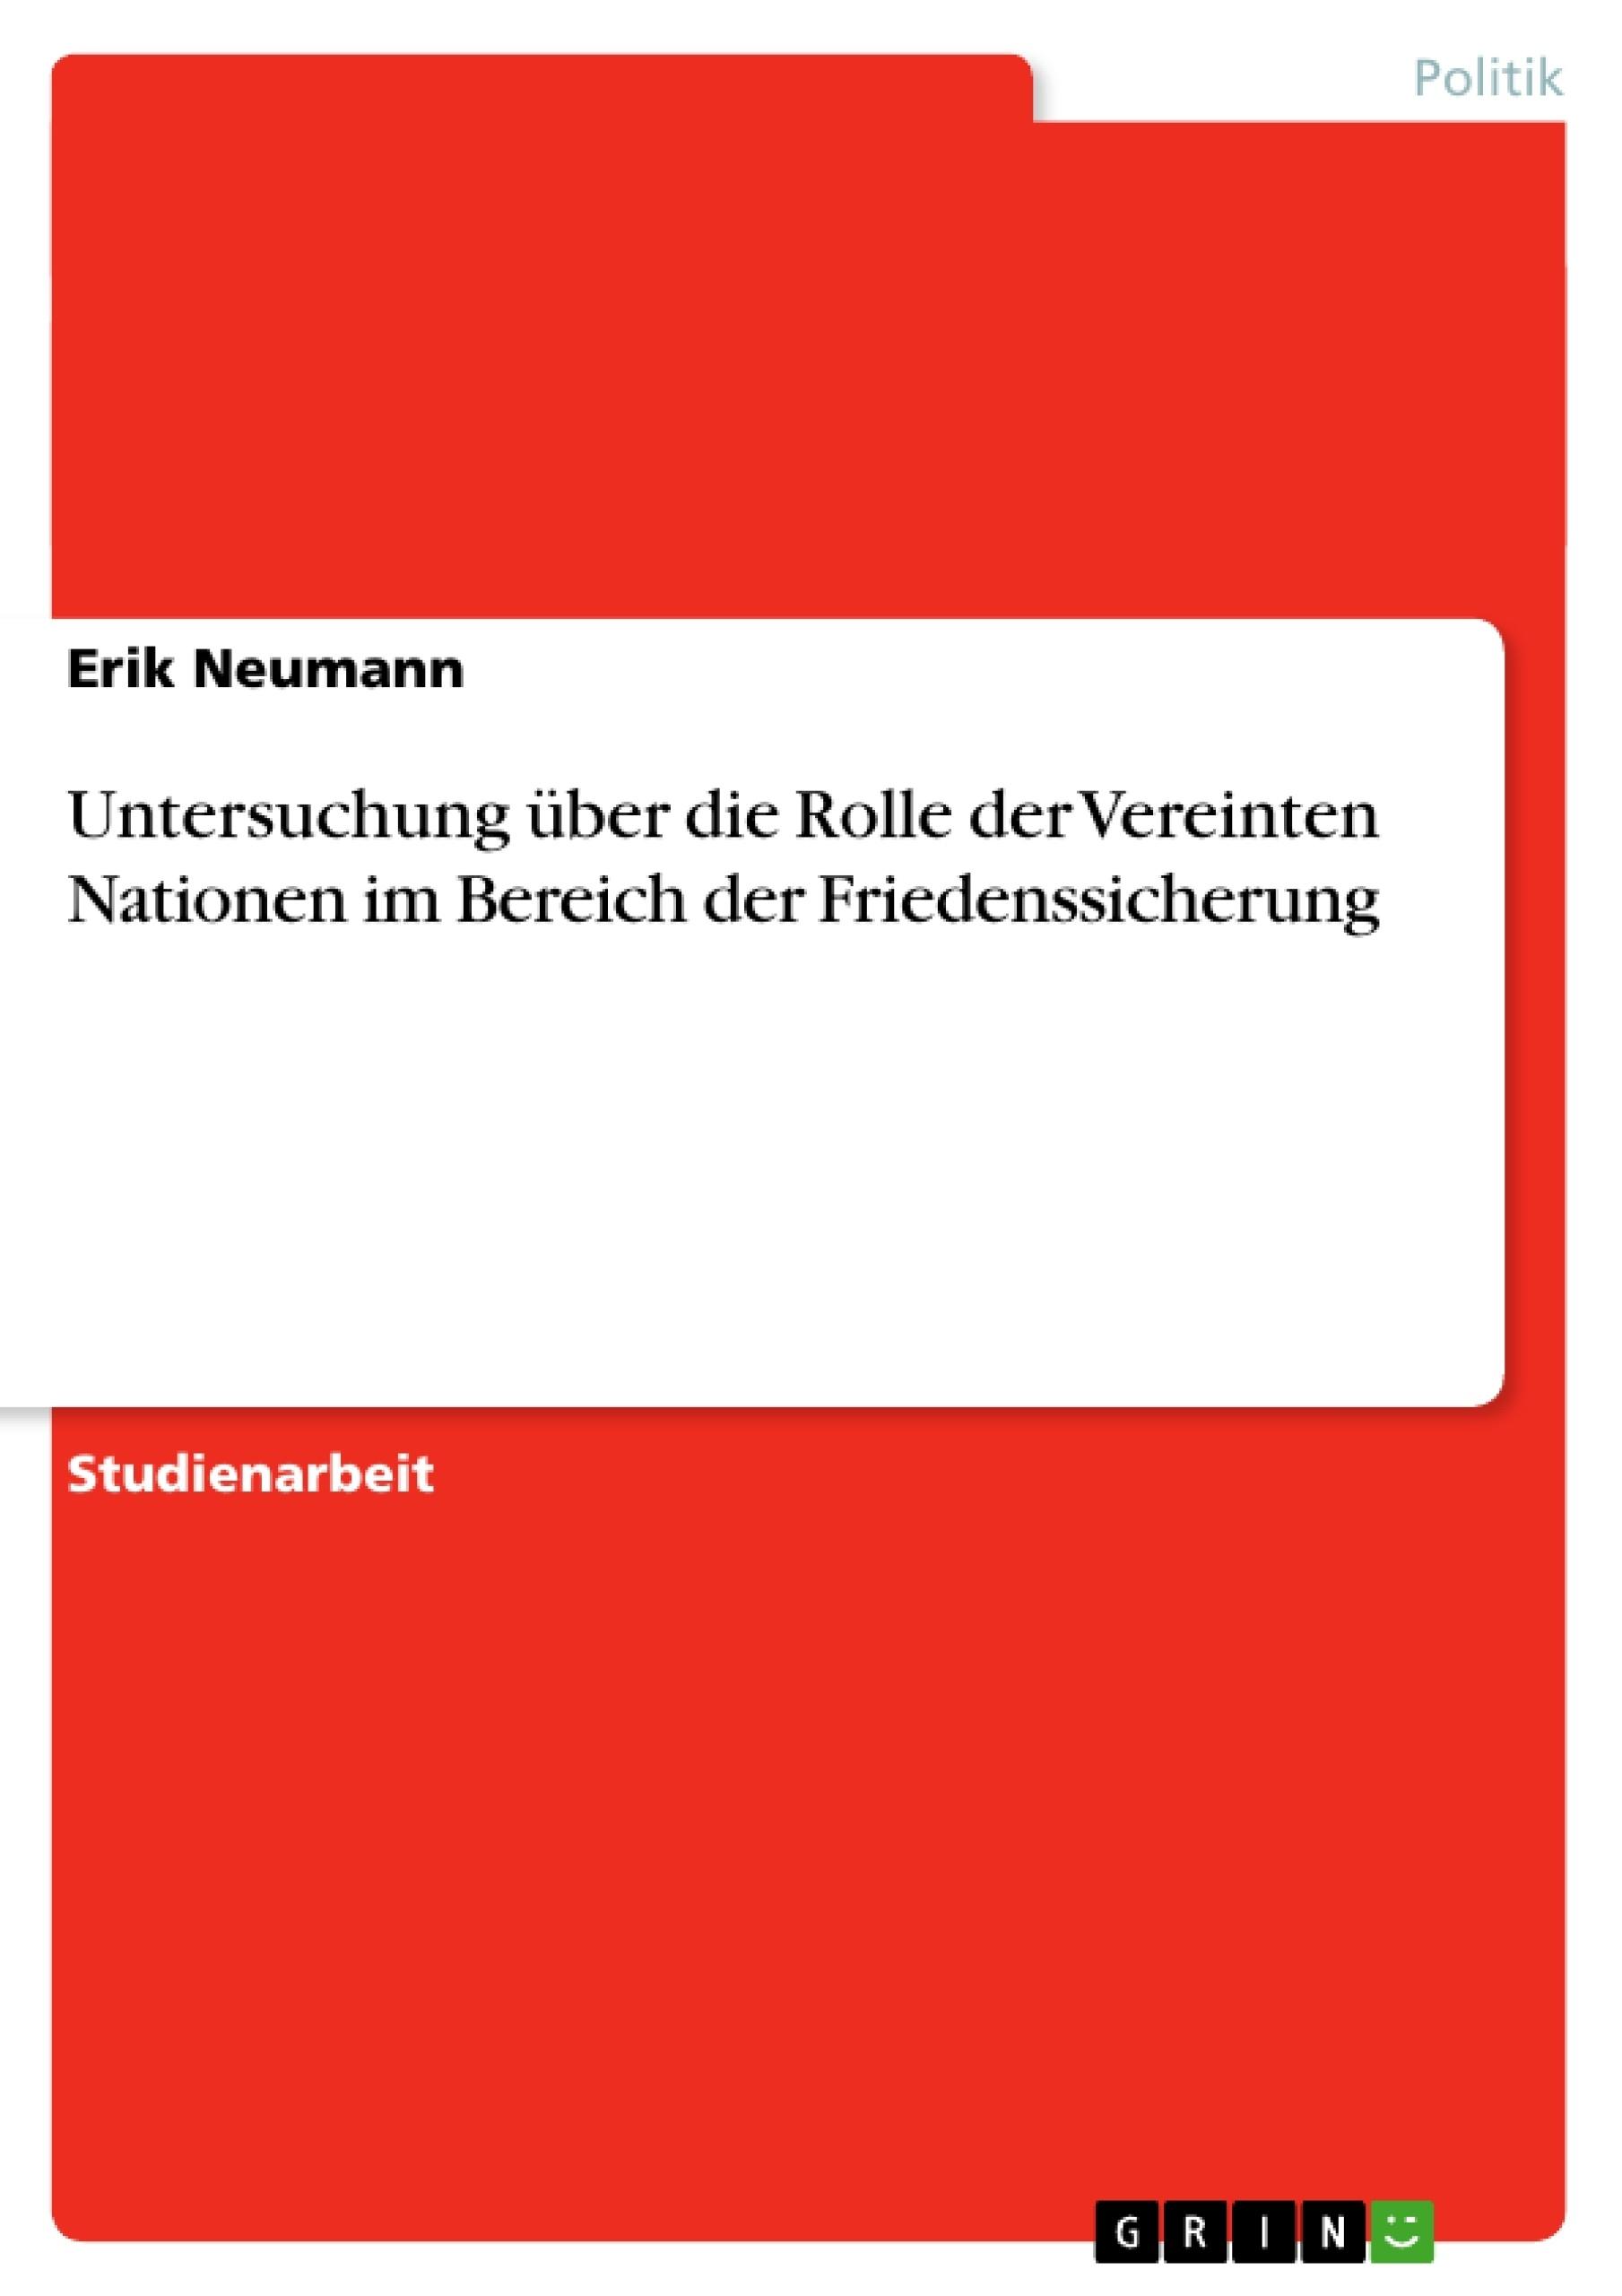 Titel: Untersuchung über die Rolle der Vereinten Nationen im Bereich der Friedenssicherung